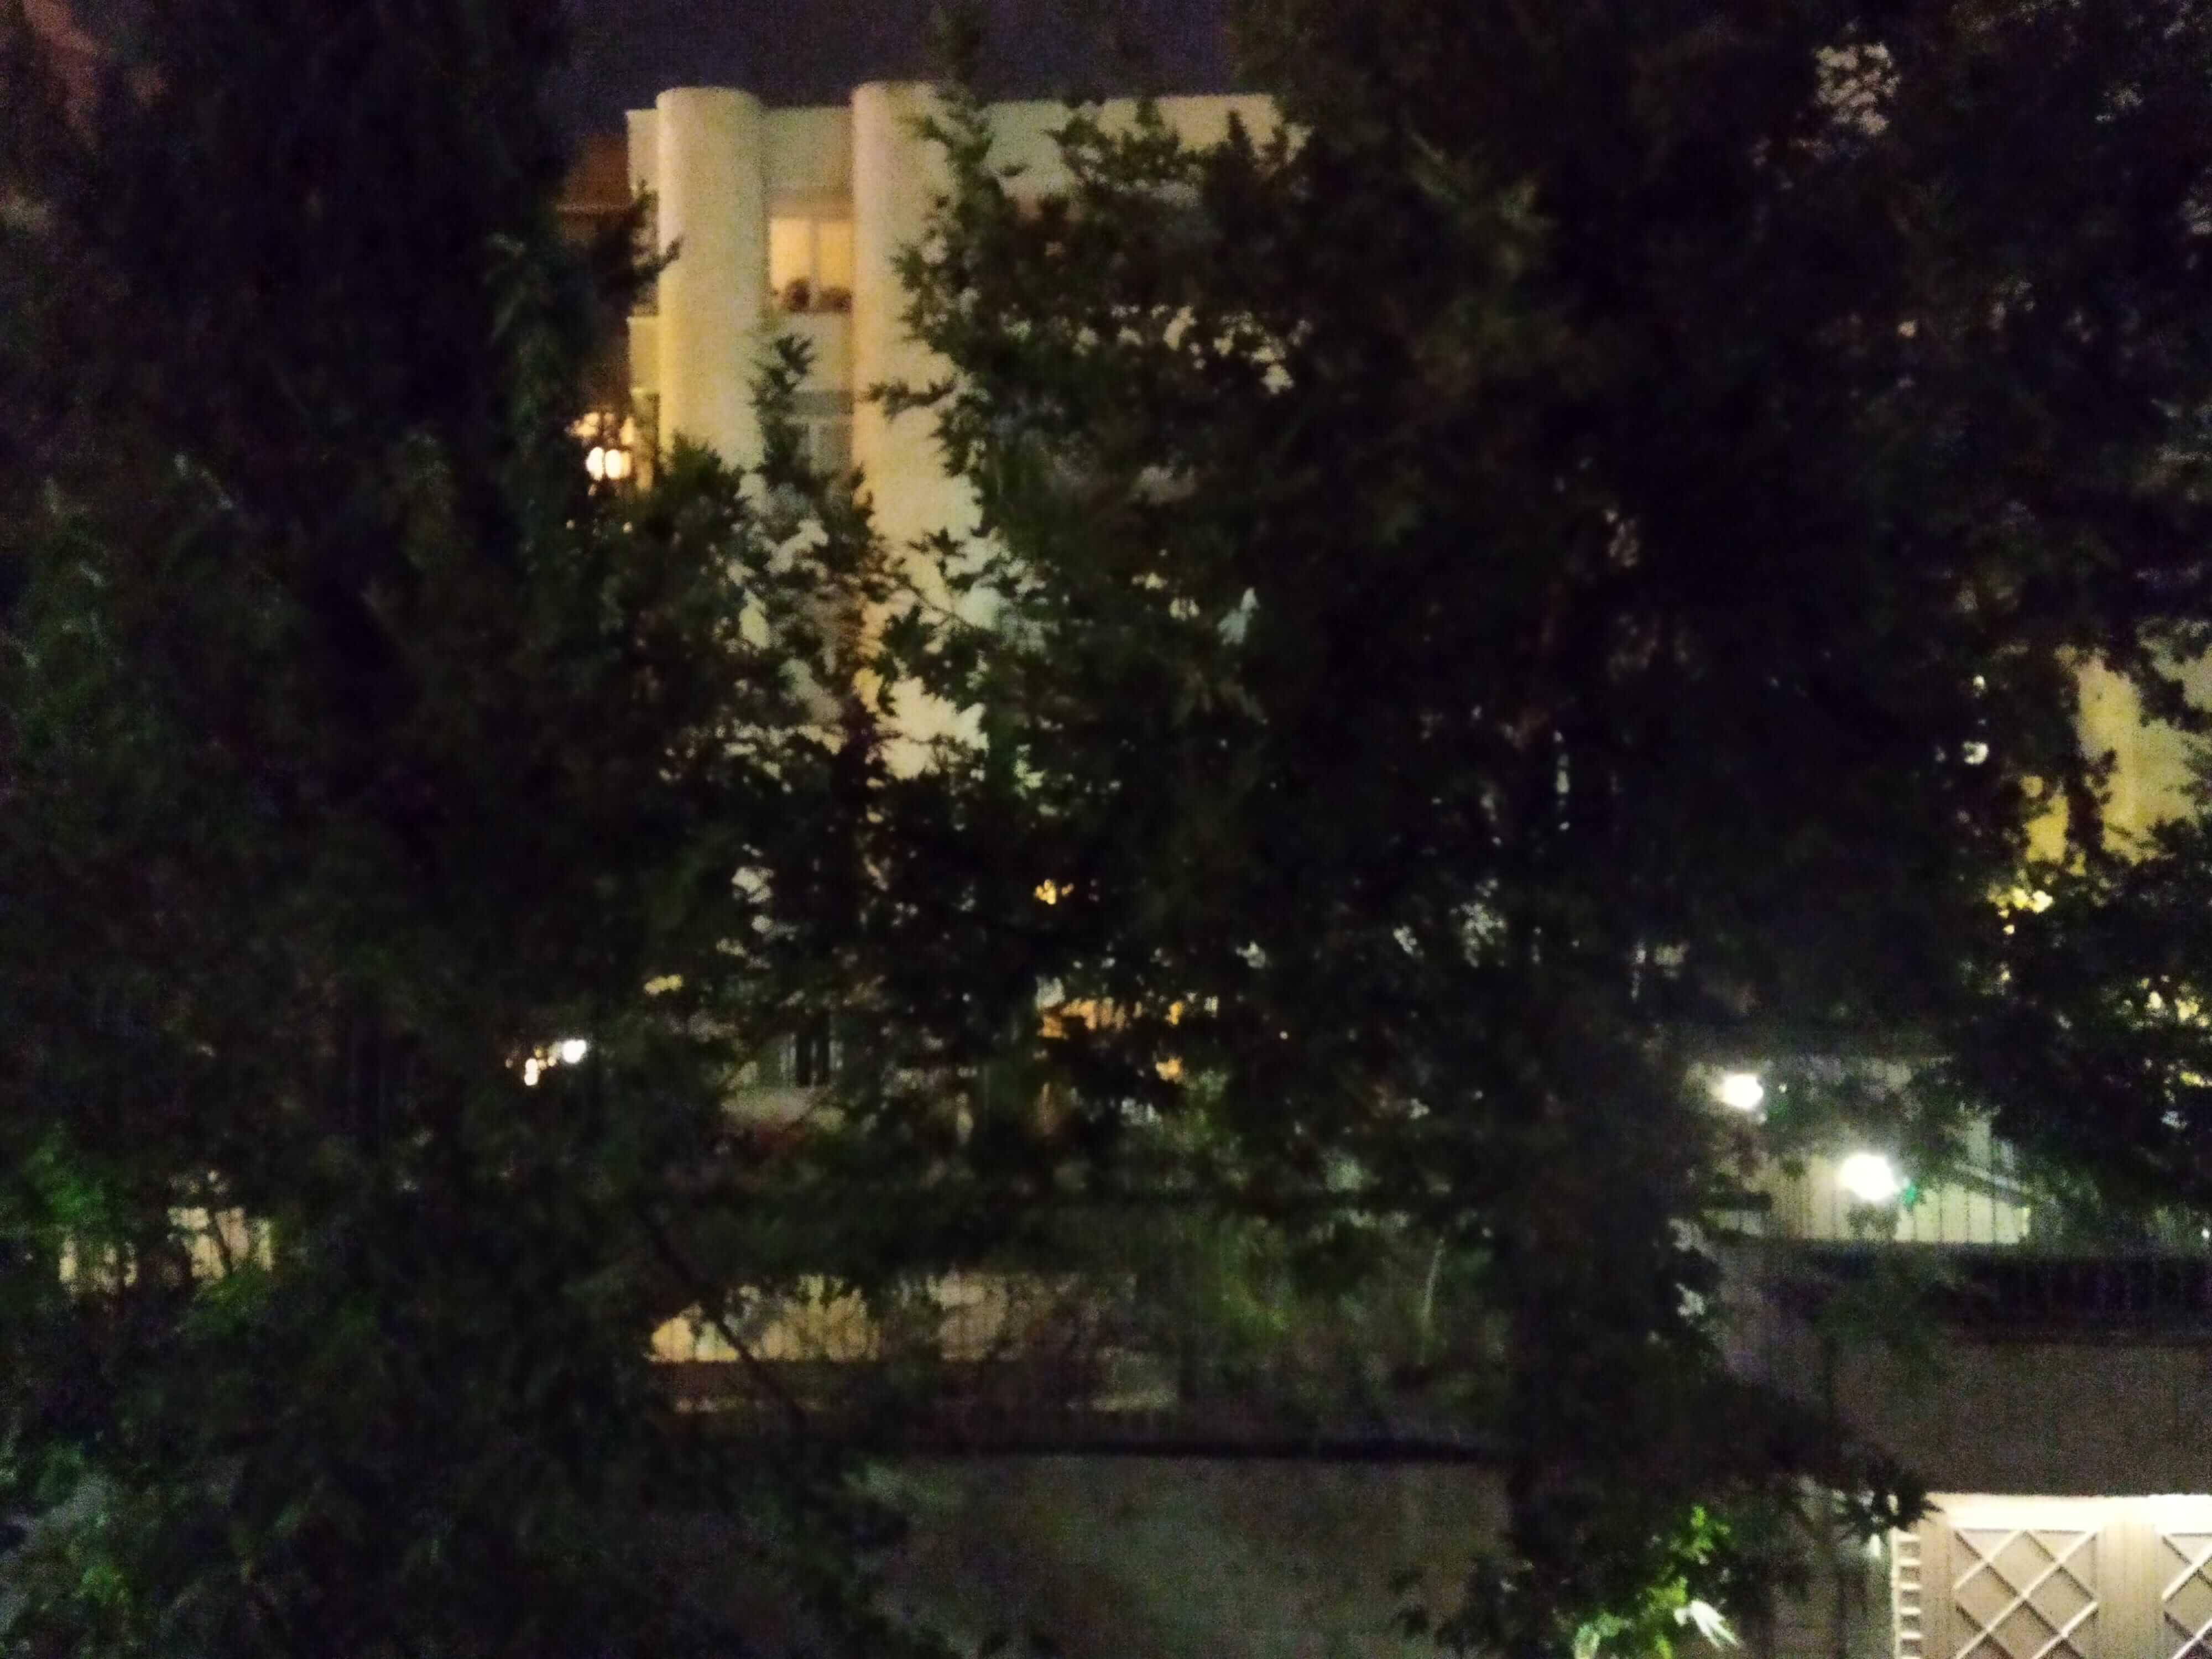 عکاسی در شب با پوکو m3